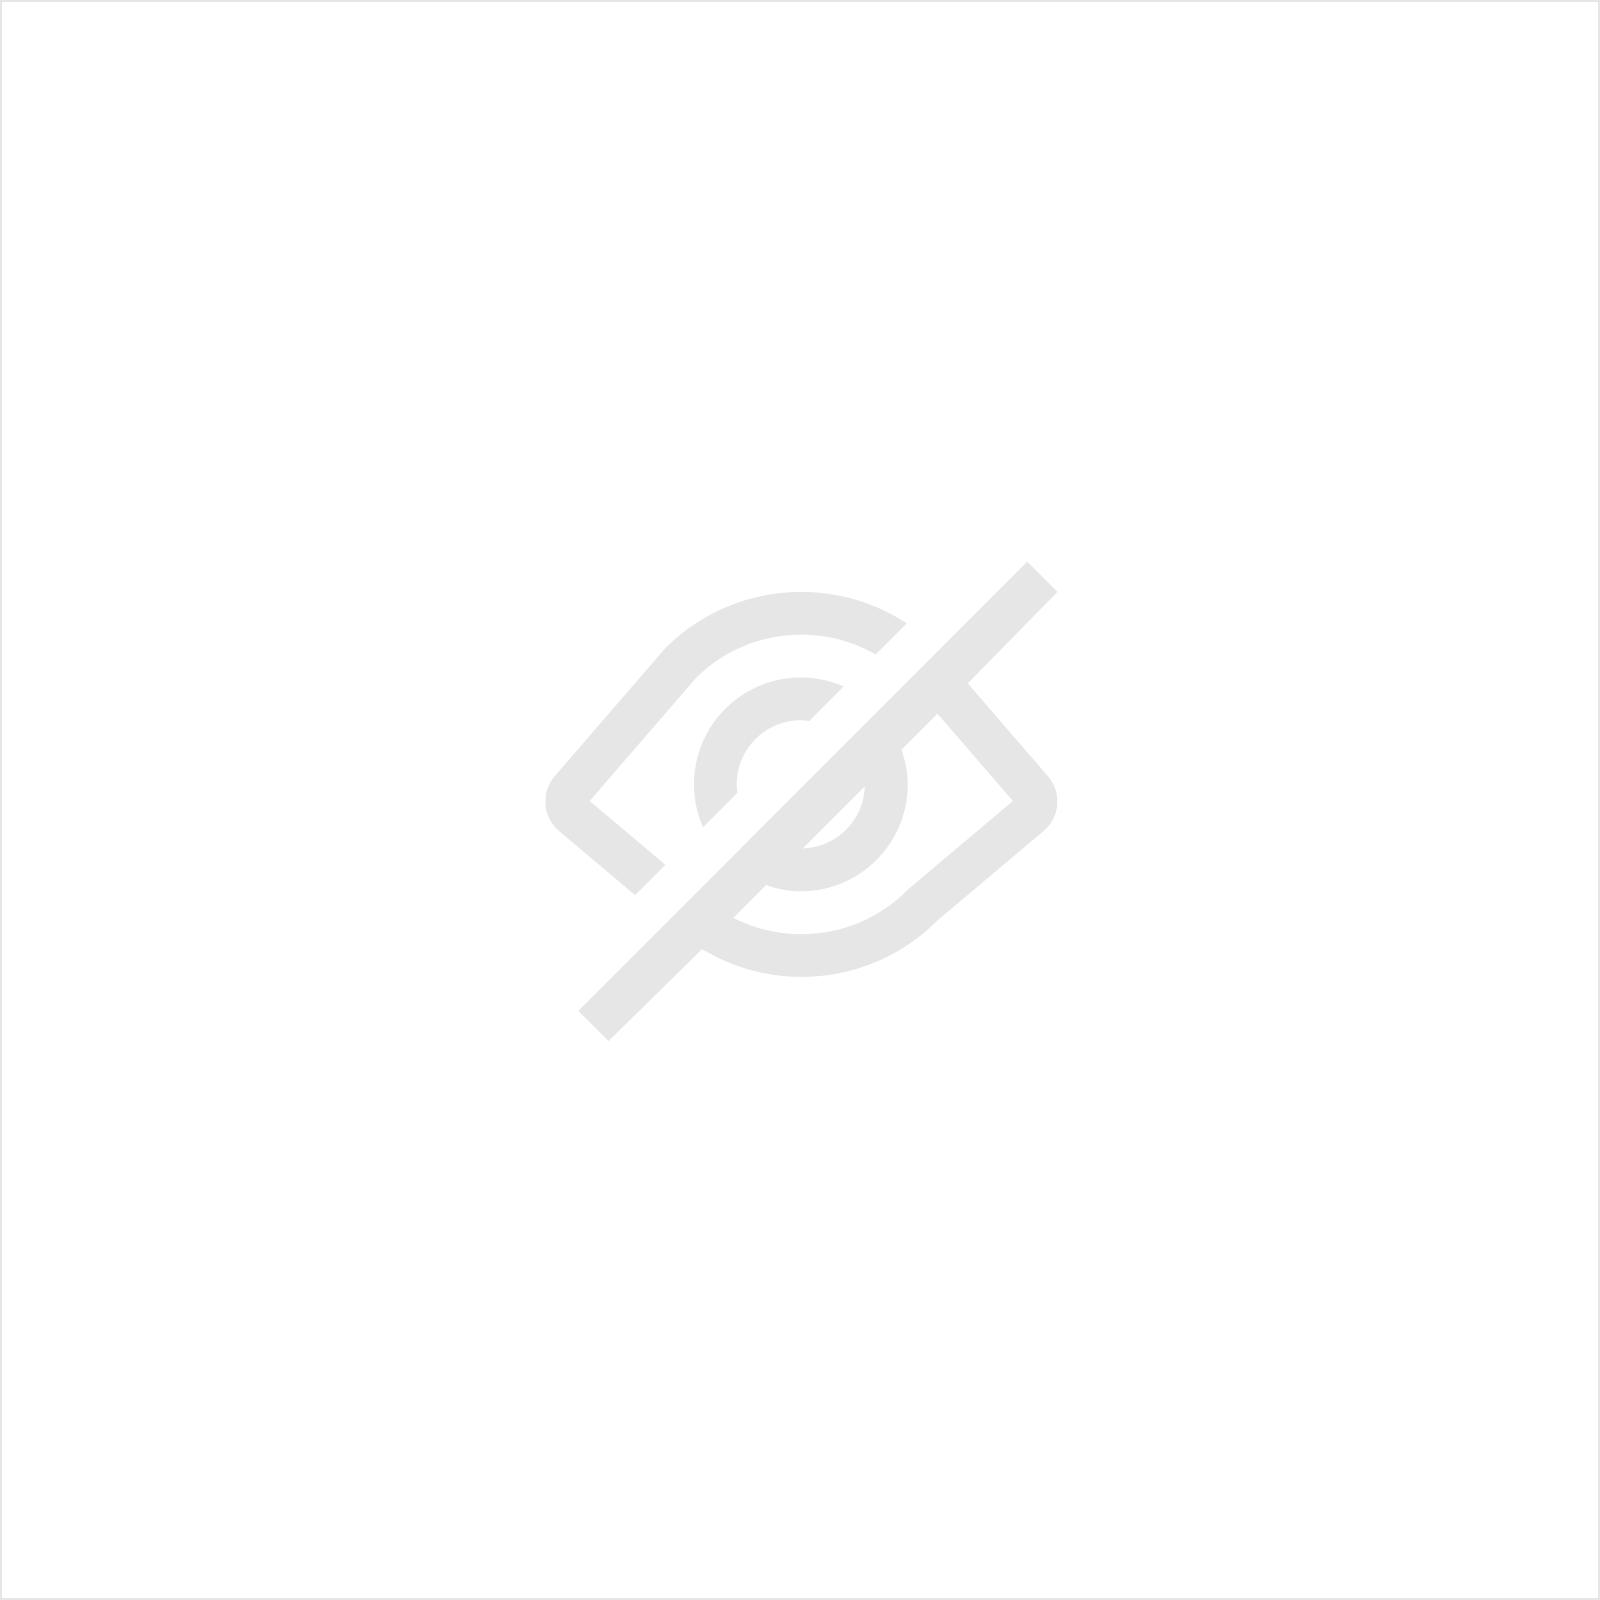 KNABBELSCHAAR 360 ° VOOR BOORMACHINE